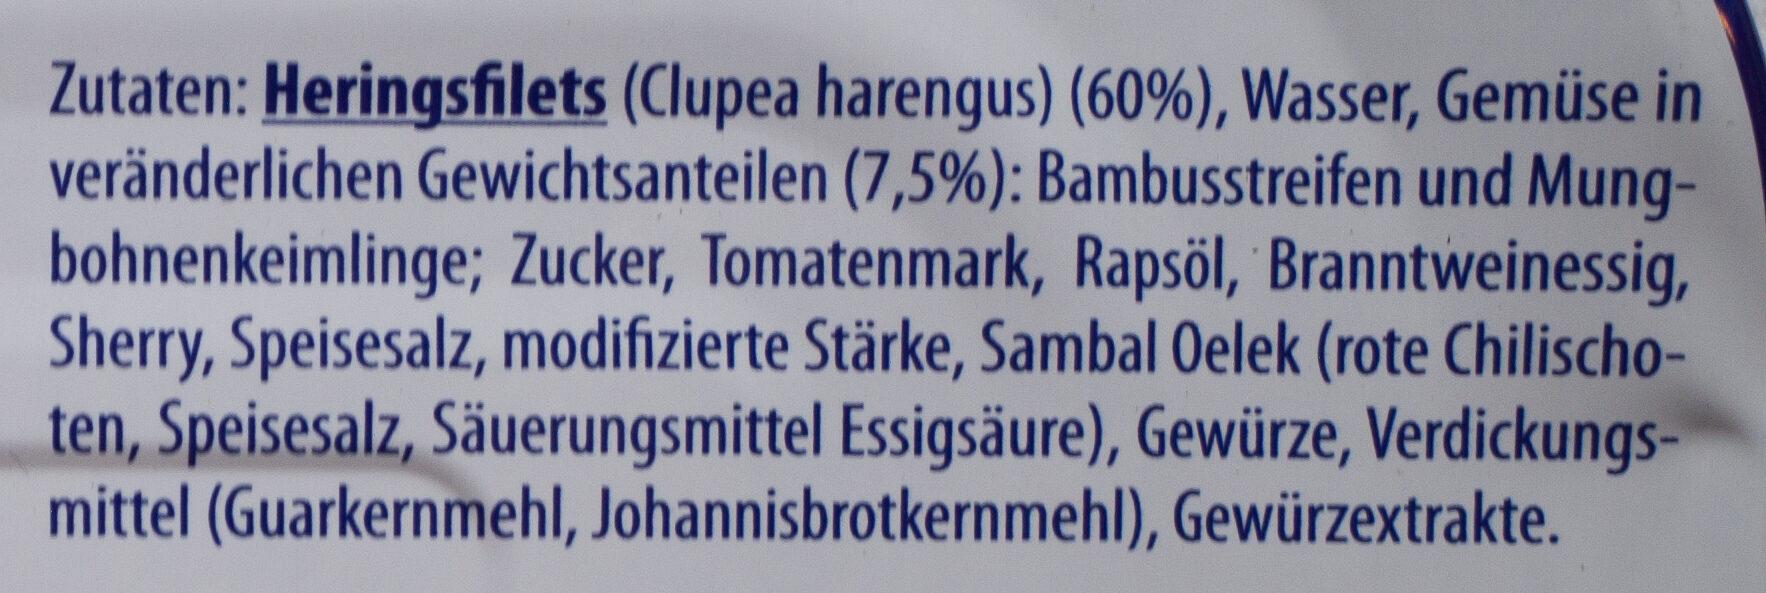 Filet d'hareng - Zutaten - de